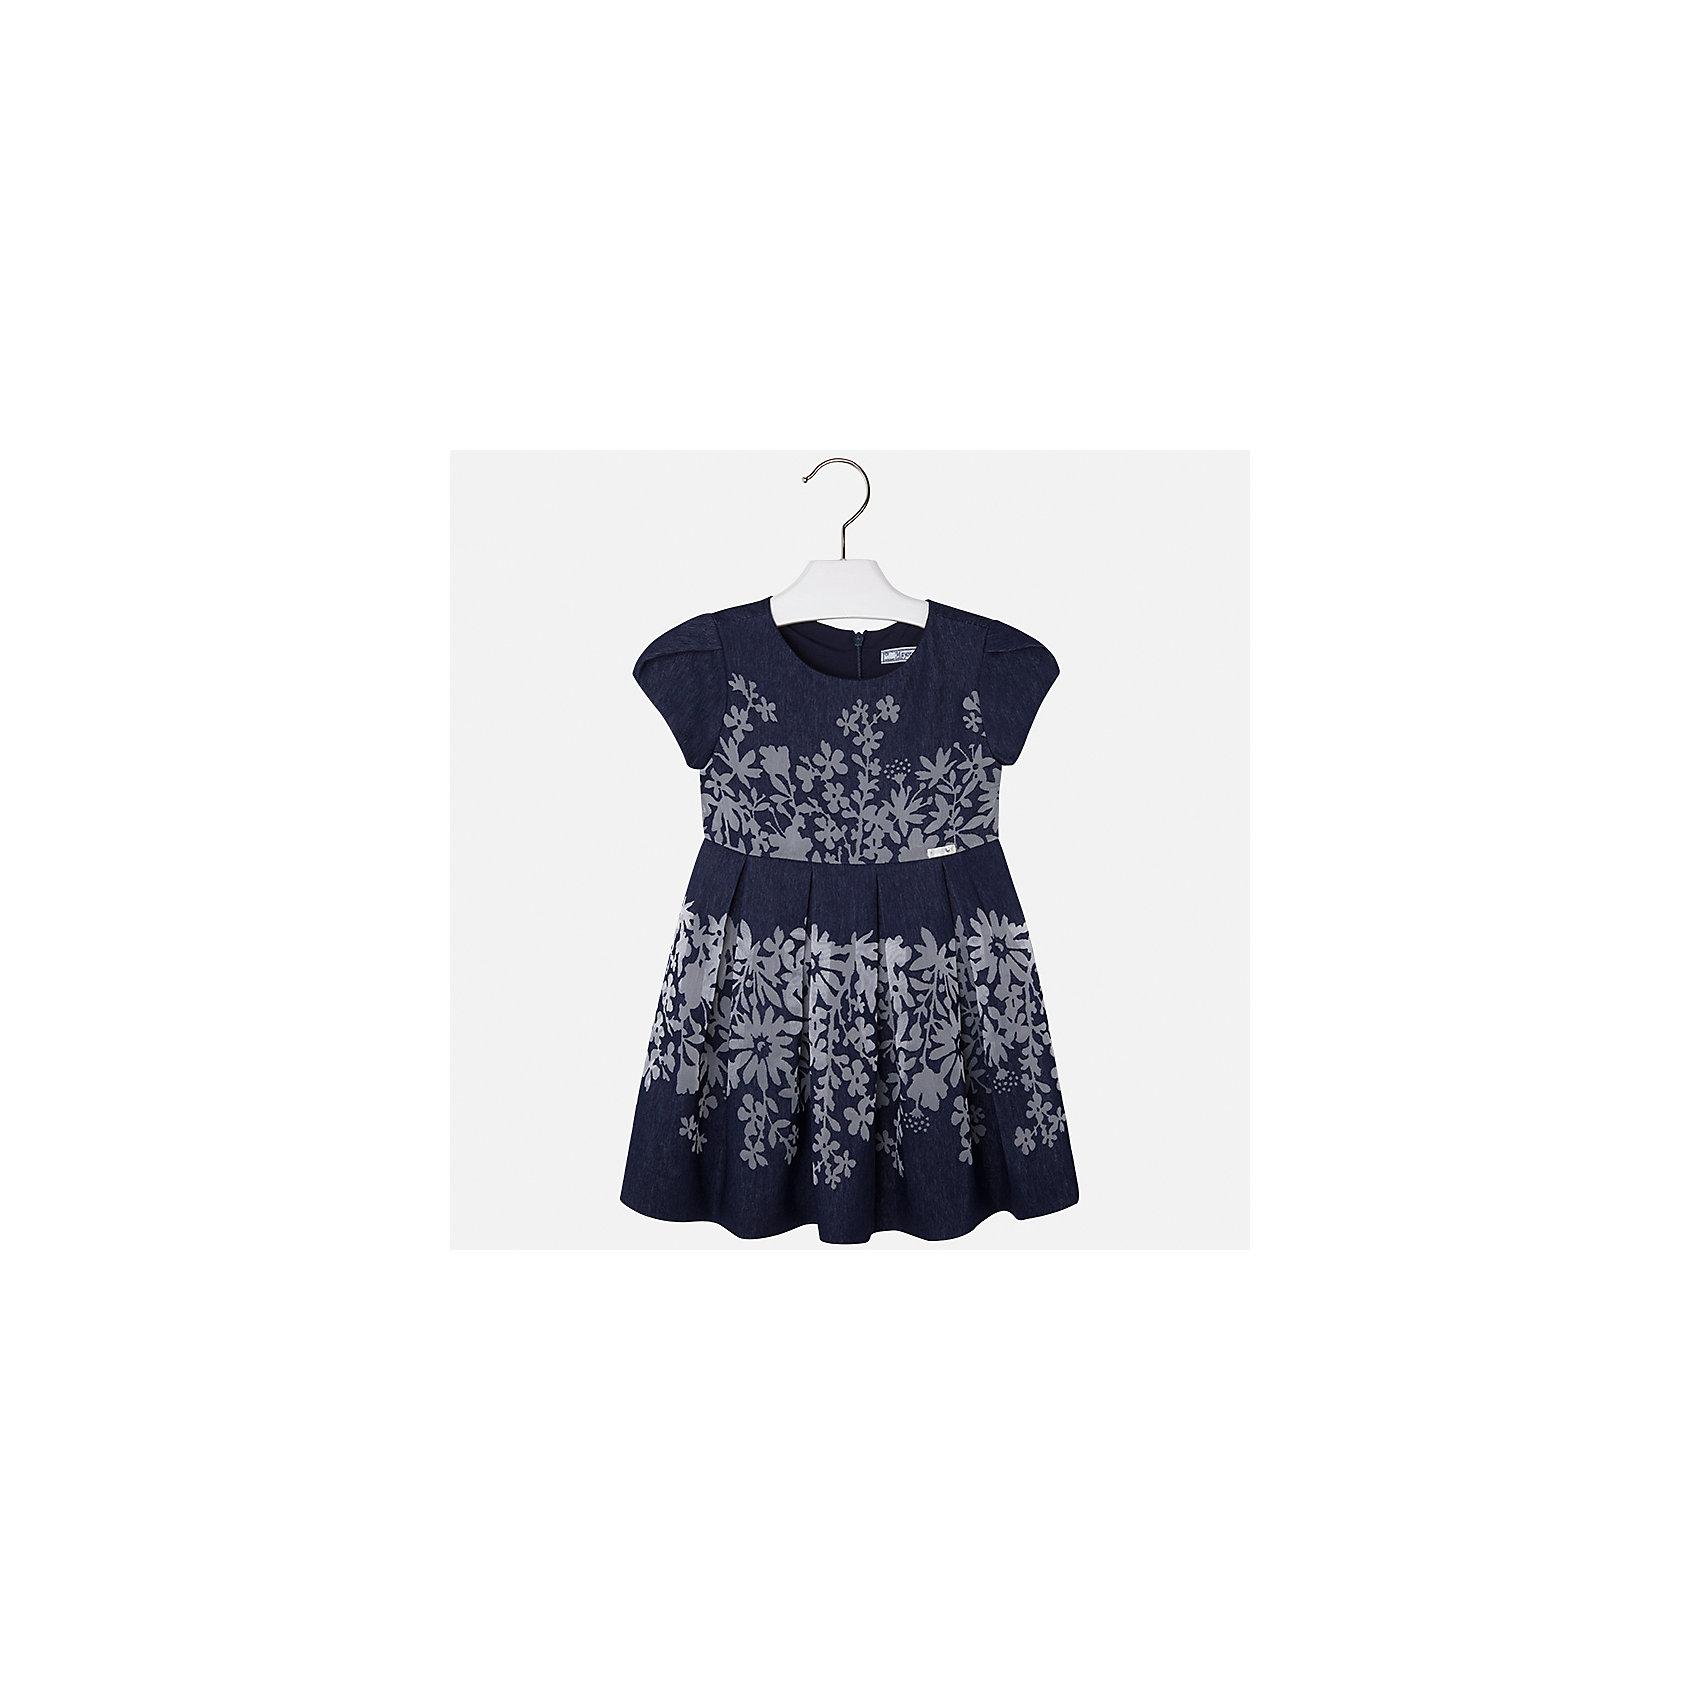 Платье для девочки MayoralОдежда<br>Характеристики товара:<br><br>• цвет: синий<br>• состав: 80% вискоза, 20% полиэстер, подкладка - 65% полиэстер, 35% хлопок<br>• застежка: молния<br>• легкий материал<br>• цветочный рисунок<br>• без рукавов<br>• с подкладкой<br>• страна бренда: Испания<br><br>Красивое легкое платье для девочки поможет разнообразить гардероб ребенка и создать эффектный наряд. Оно подойдет и для торжественных случаев, может быть и как ежедневный наряд. Красивый оттенок позволяет подобрать к вещи обувь разных расцветок. В составе материала подкладки - натуральный хлопок, гипоаллергенный, приятный на ощупь, дышащий. Платье хорошо сидит по фигуре.<br><br>Одежда, обувь и аксессуары от испанского бренда Mayoral полюбились детям и взрослым по всему миру. Модели этой марки - стильные и удобные. Для их производства используются только безопасные, качественные материалы и фурнитура. Порадуйте ребенка модными и красивыми вещами от Mayoral! <br><br>Платье для девочки от испанского бренда Mayoral (Майорал) можно купить в нашем интернет-магазине.<br><br>Ширина мм: 236<br>Глубина мм: 16<br>Высота мм: 184<br>Вес г: 177<br>Цвет: синий<br>Возраст от месяцев: 48<br>Возраст до месяцев: 60<br>Пол: Женский<br>Возраст: Детский<br>Размер: 110,116,122,128,134,98,104<br>SKU: 5291100